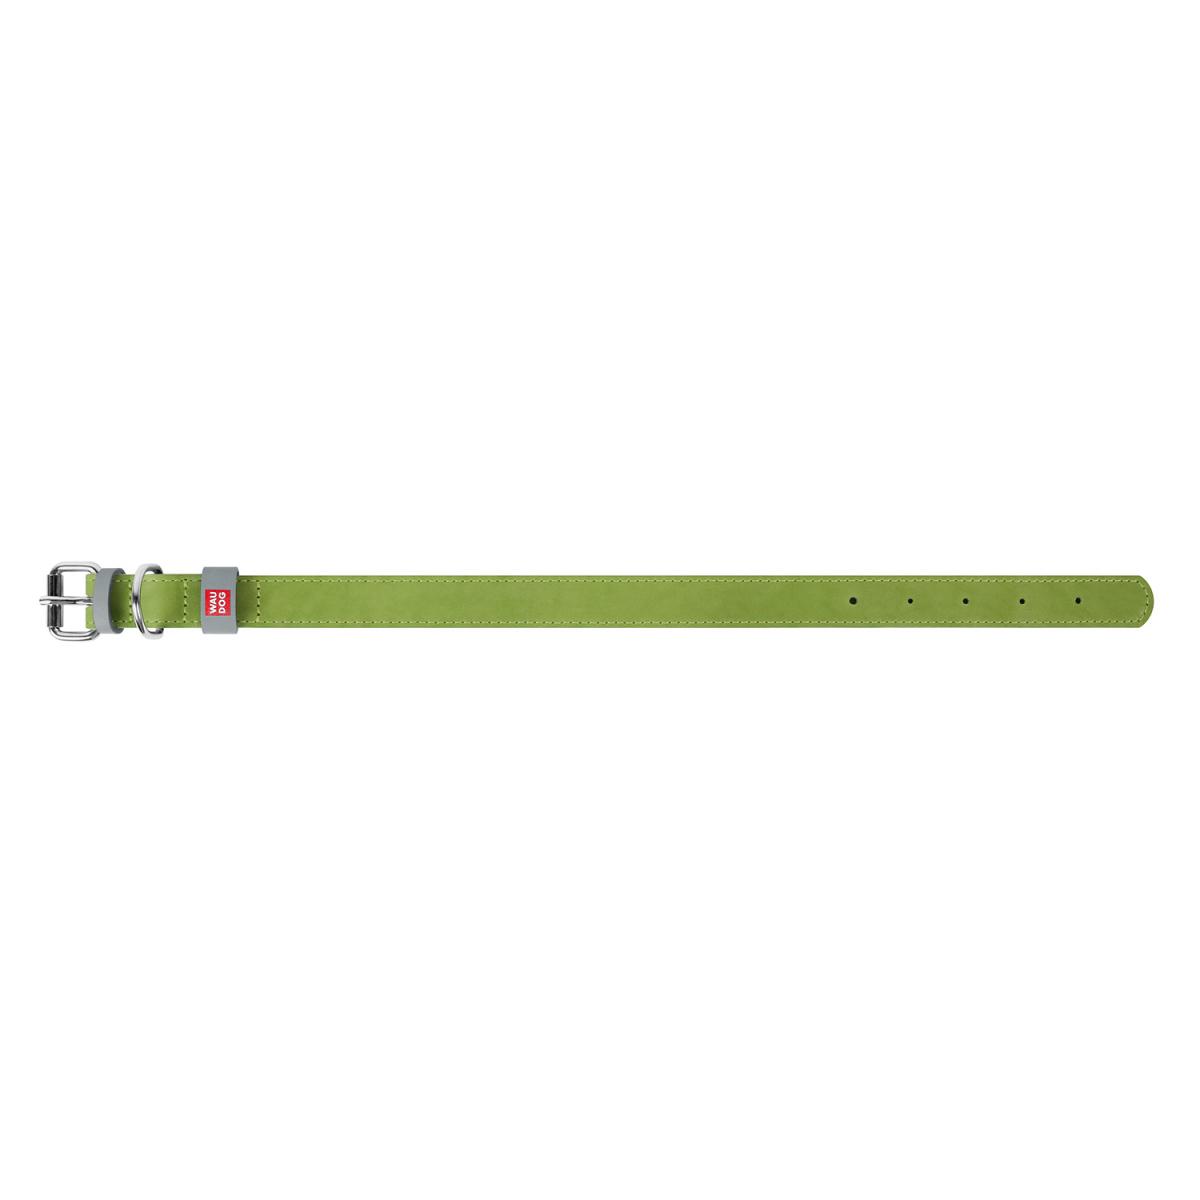 WAUDOG Classic нашийник для собак, 35 мм, 46-60 см